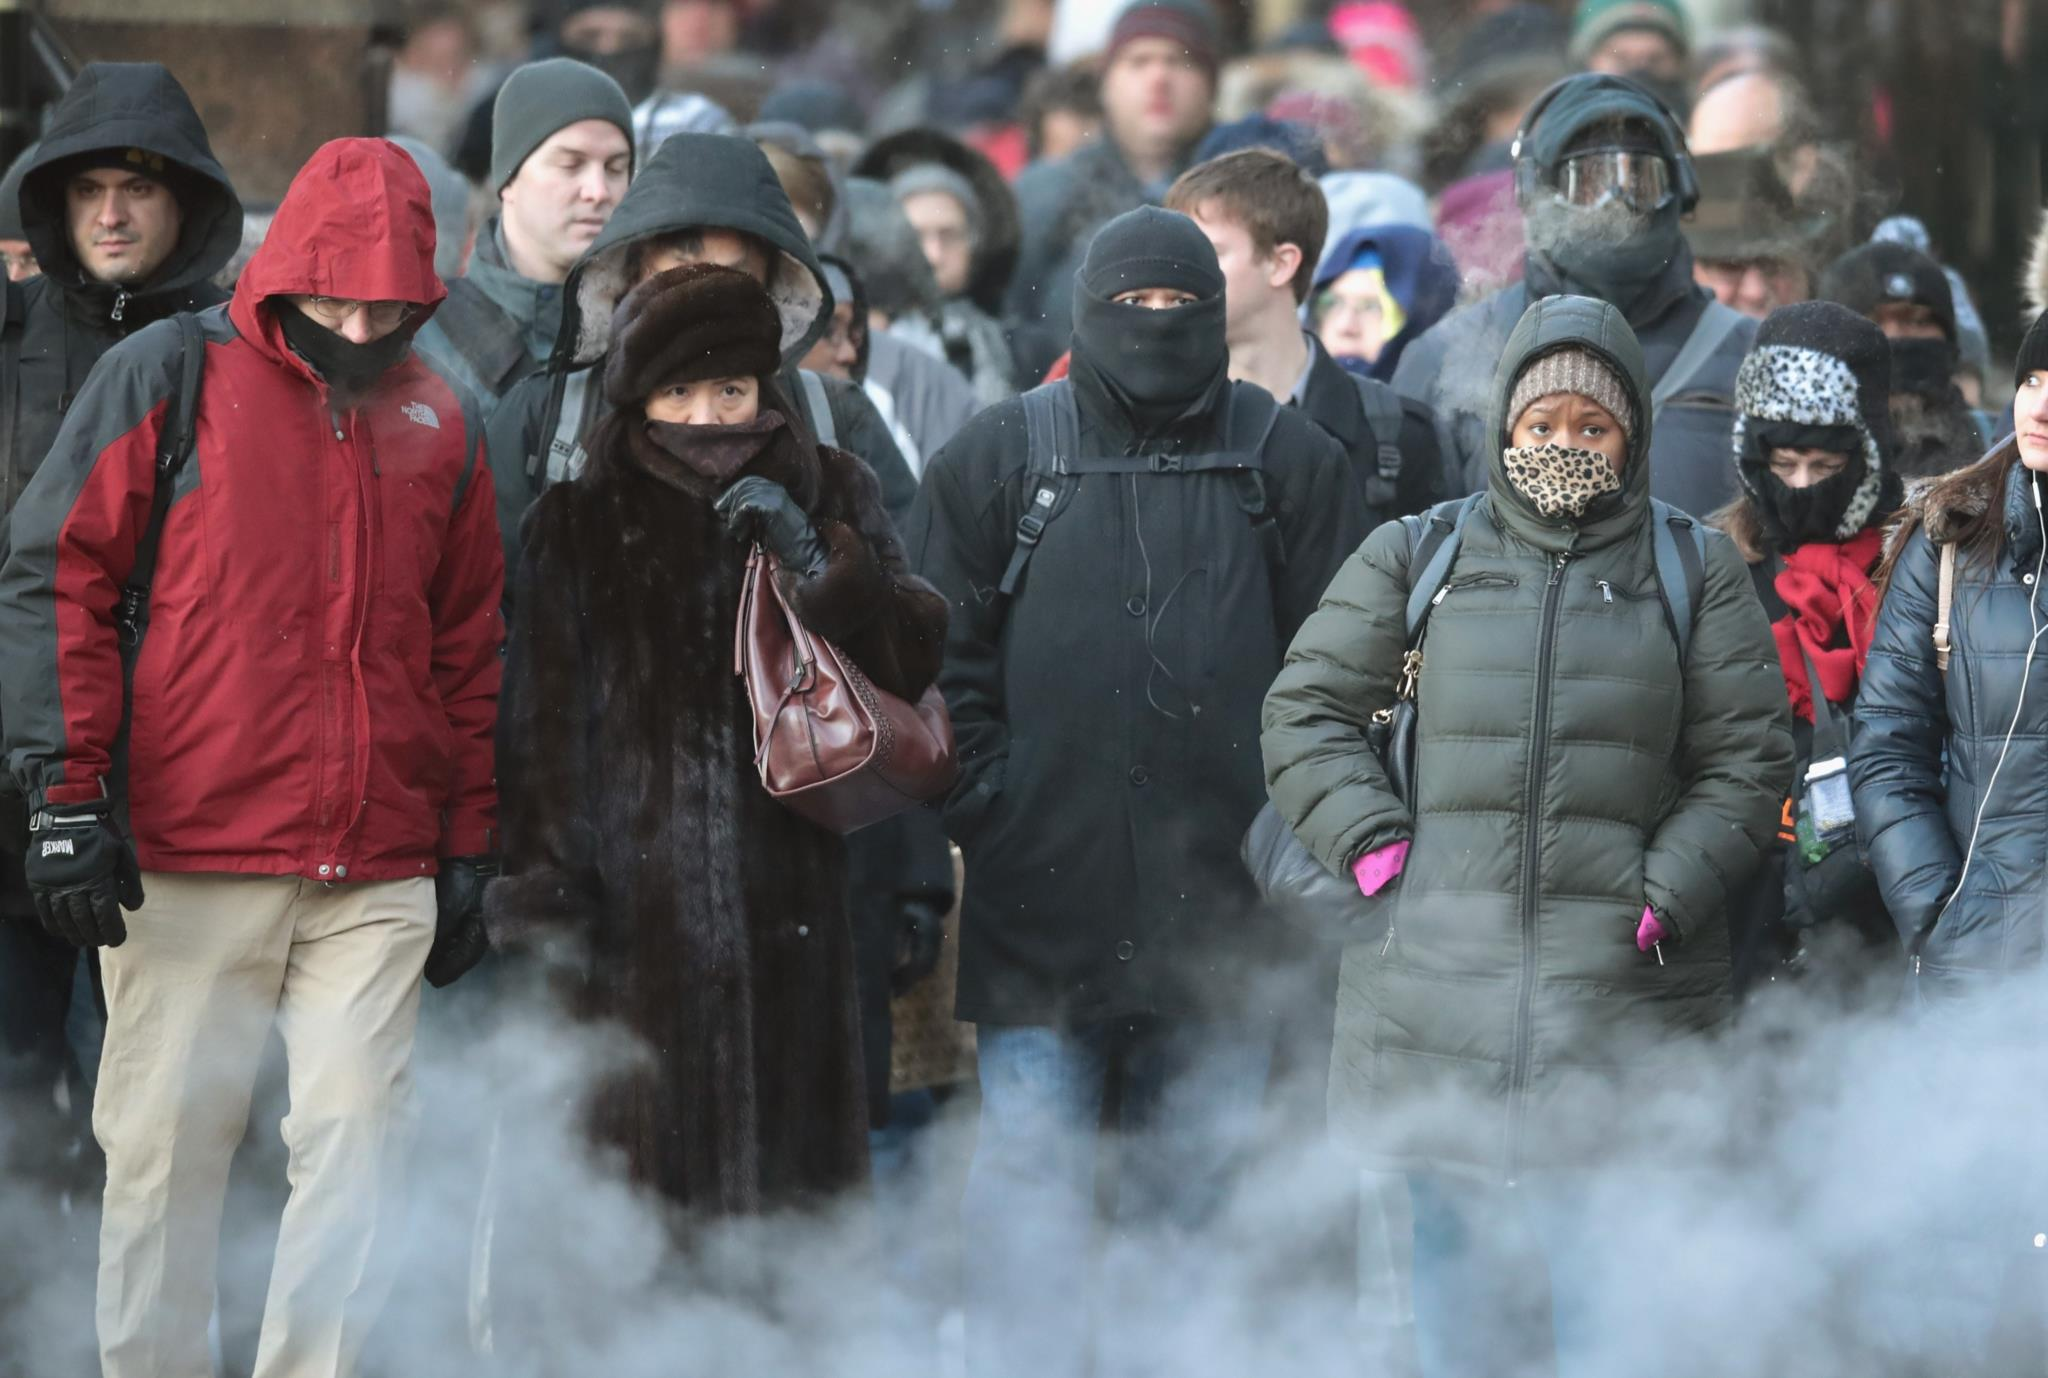 No dia 19 de Dezembro, a temperatura ambiente em Chicago, EUA, atingiu os -13º C